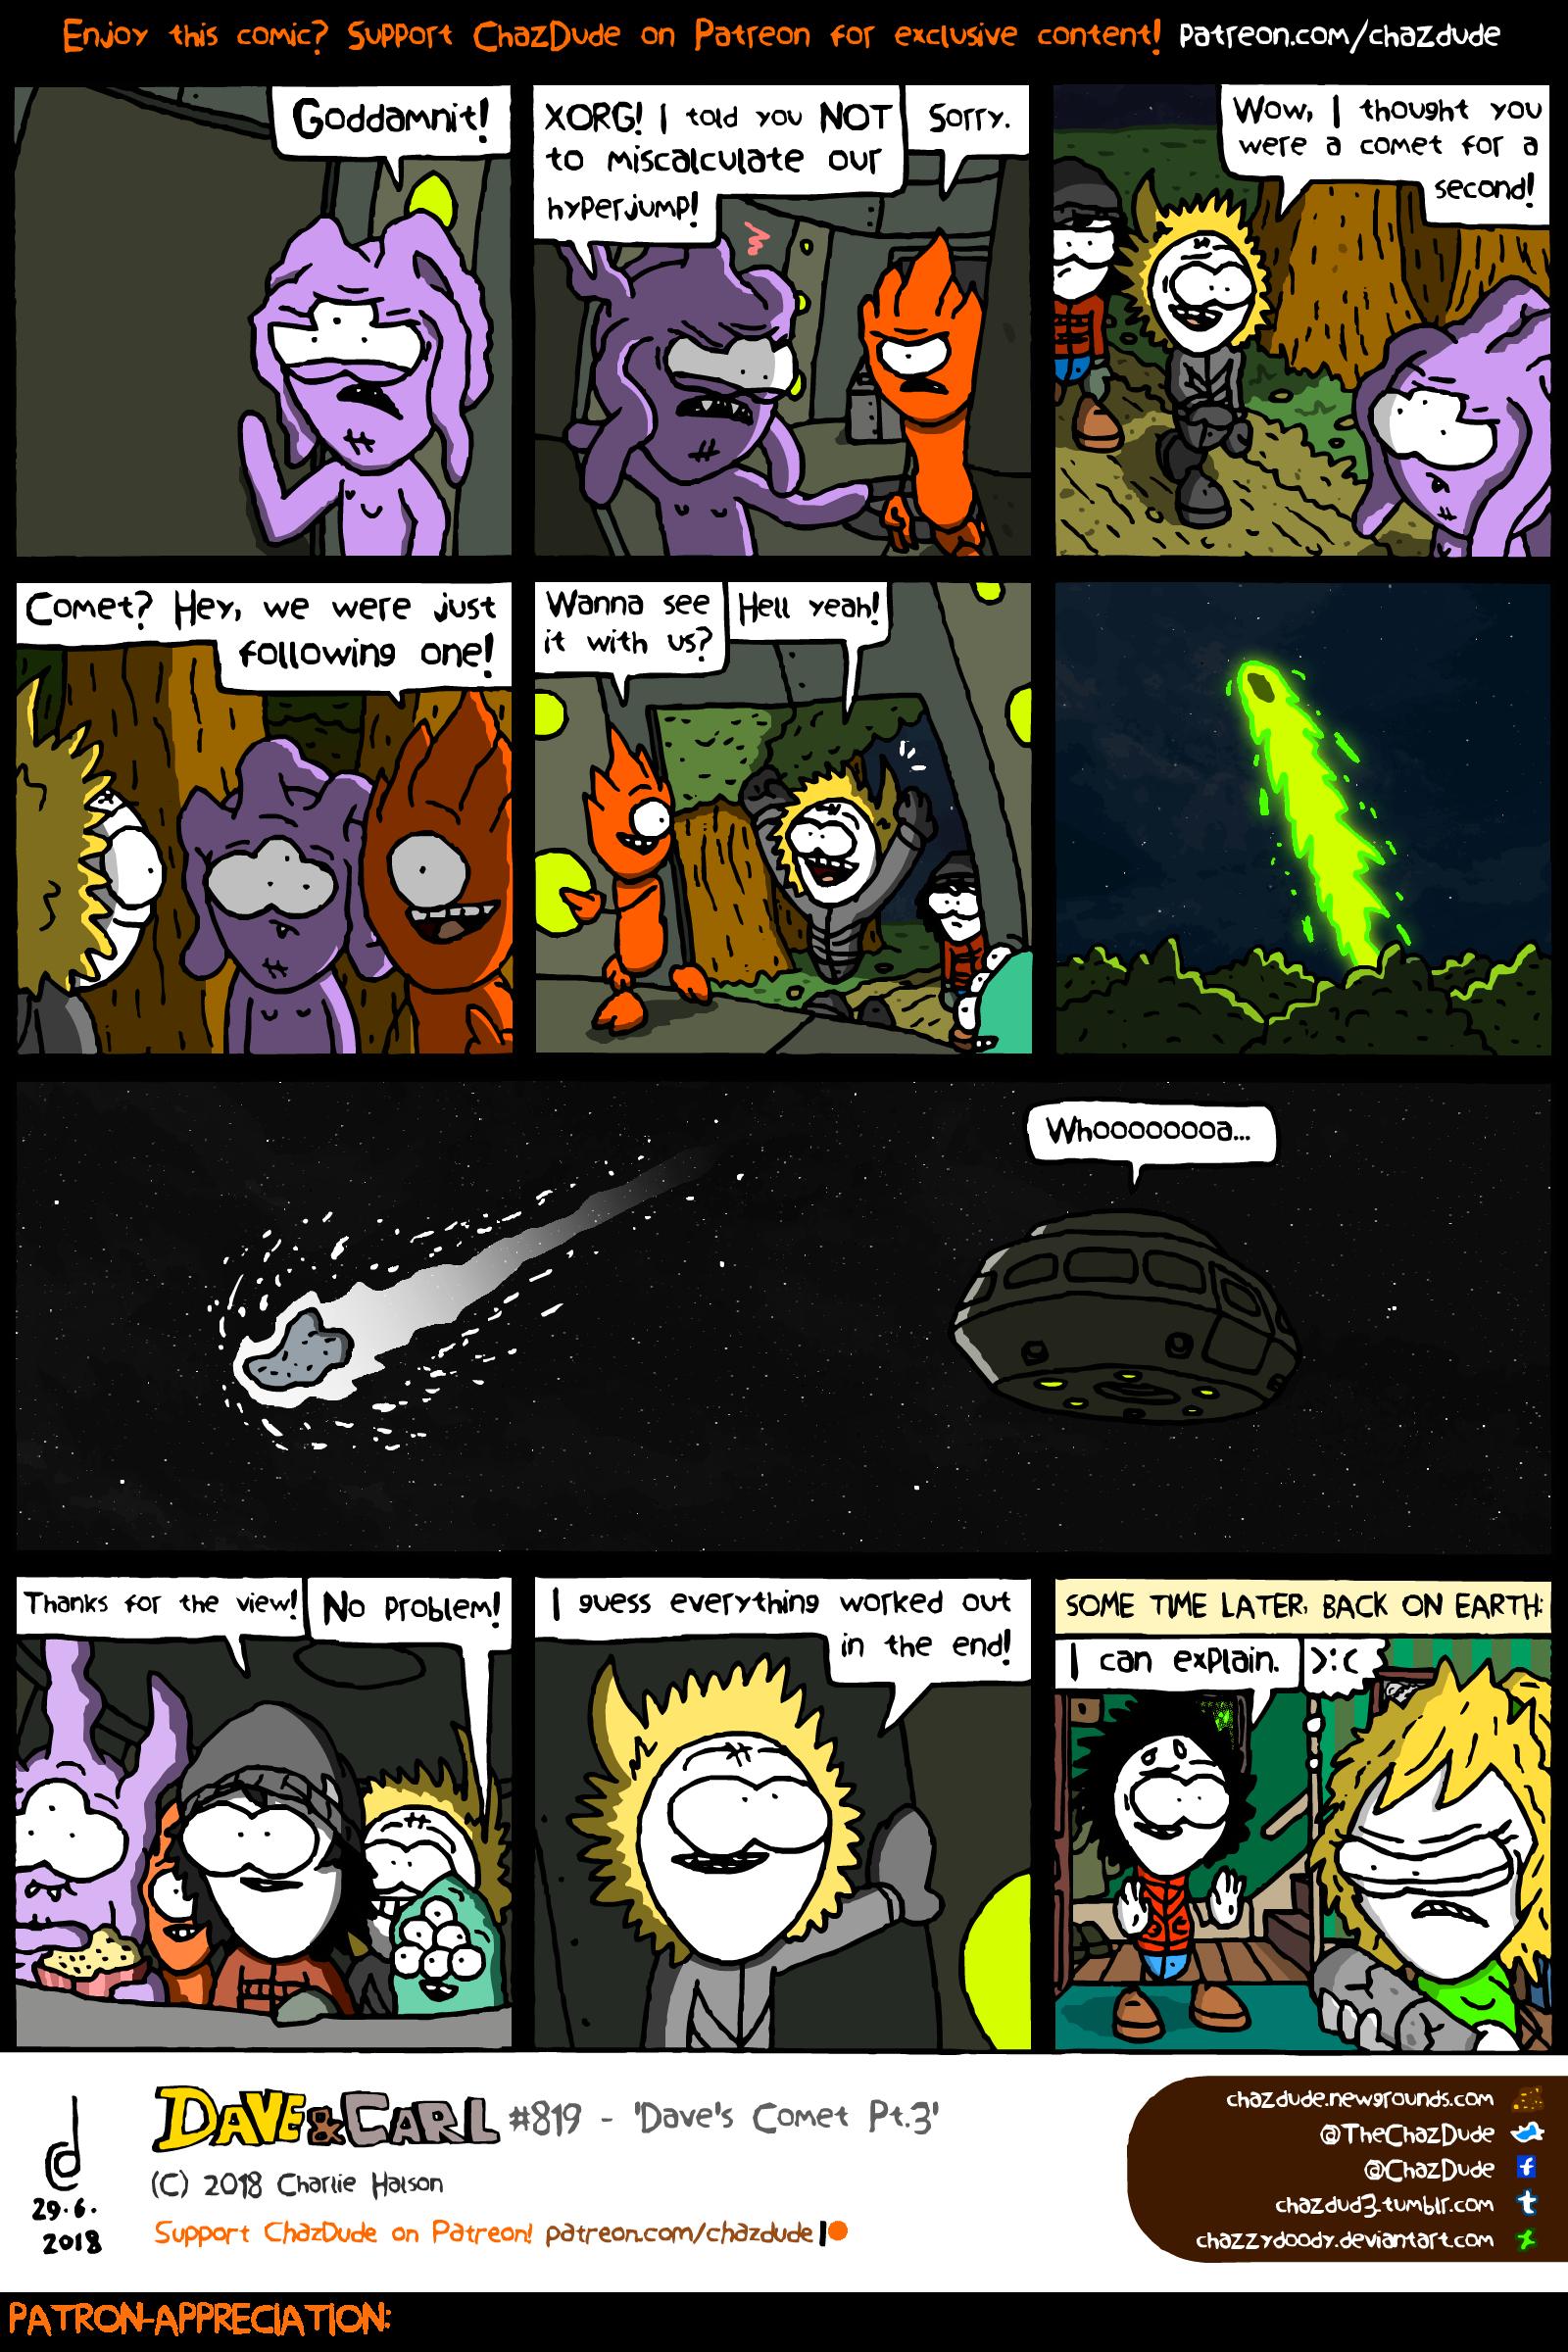 Dave's Comet Pt.3